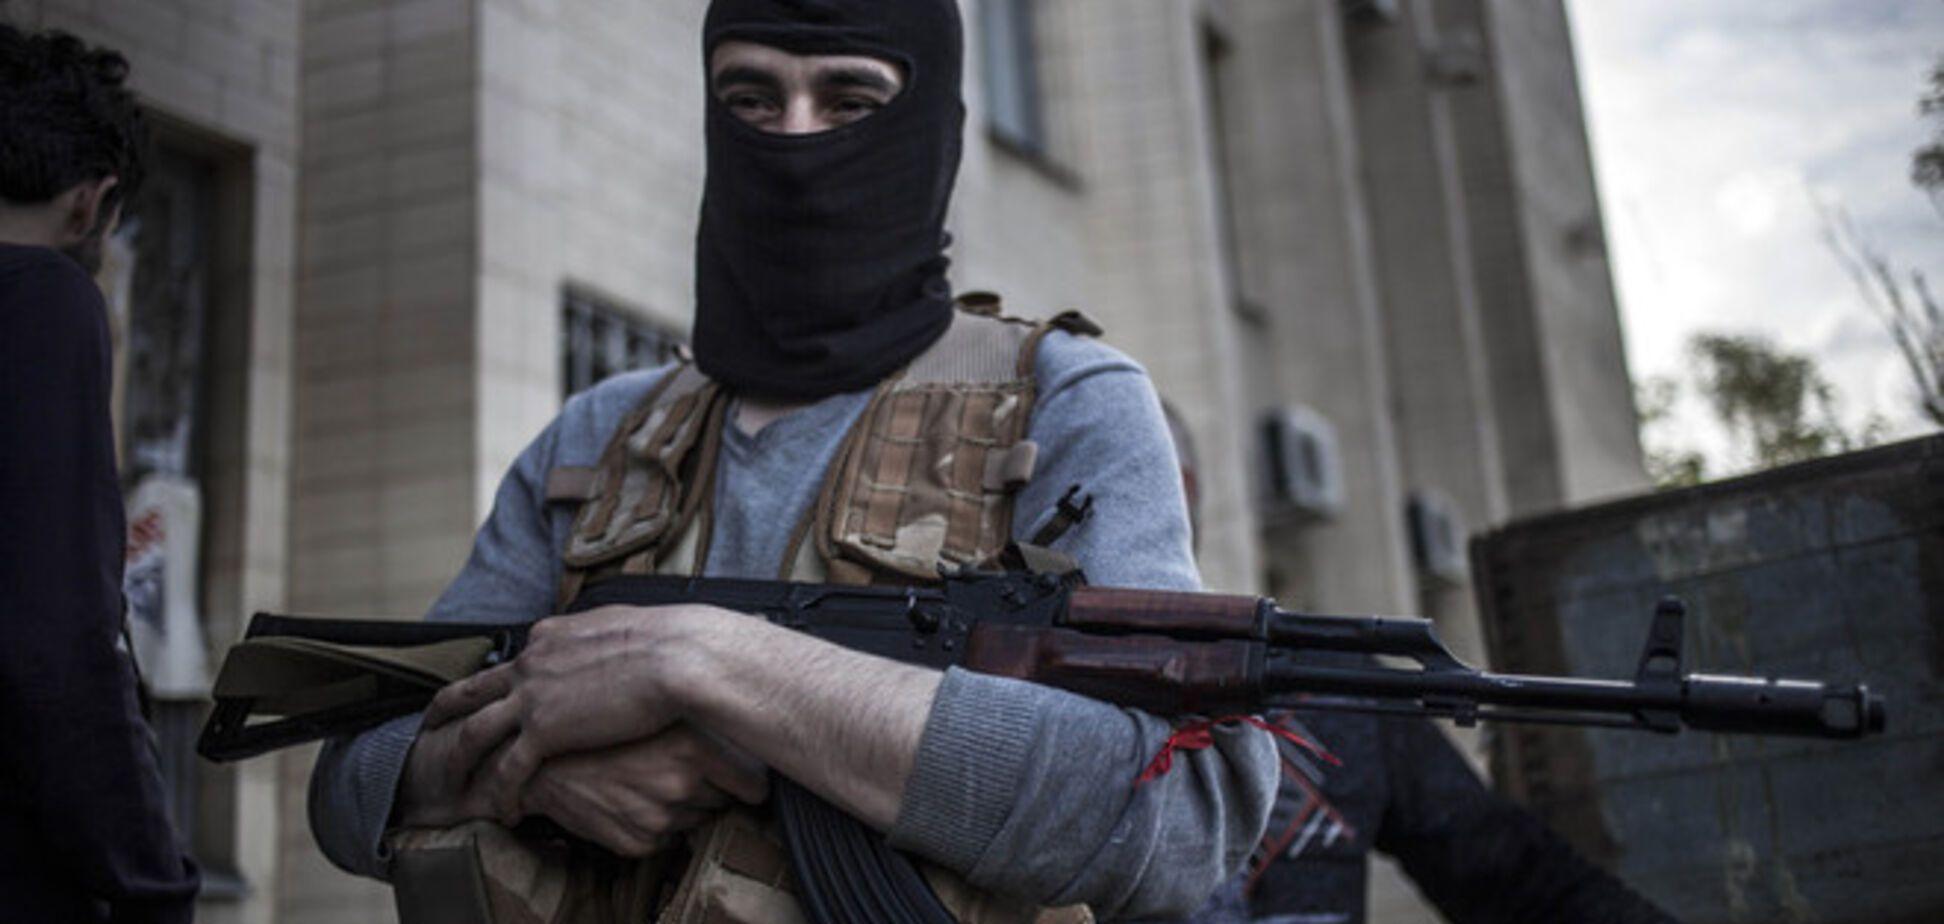 В Донецке террористы нагло отбирают у горожан автомобили и предлагают вернуть их за выкуп